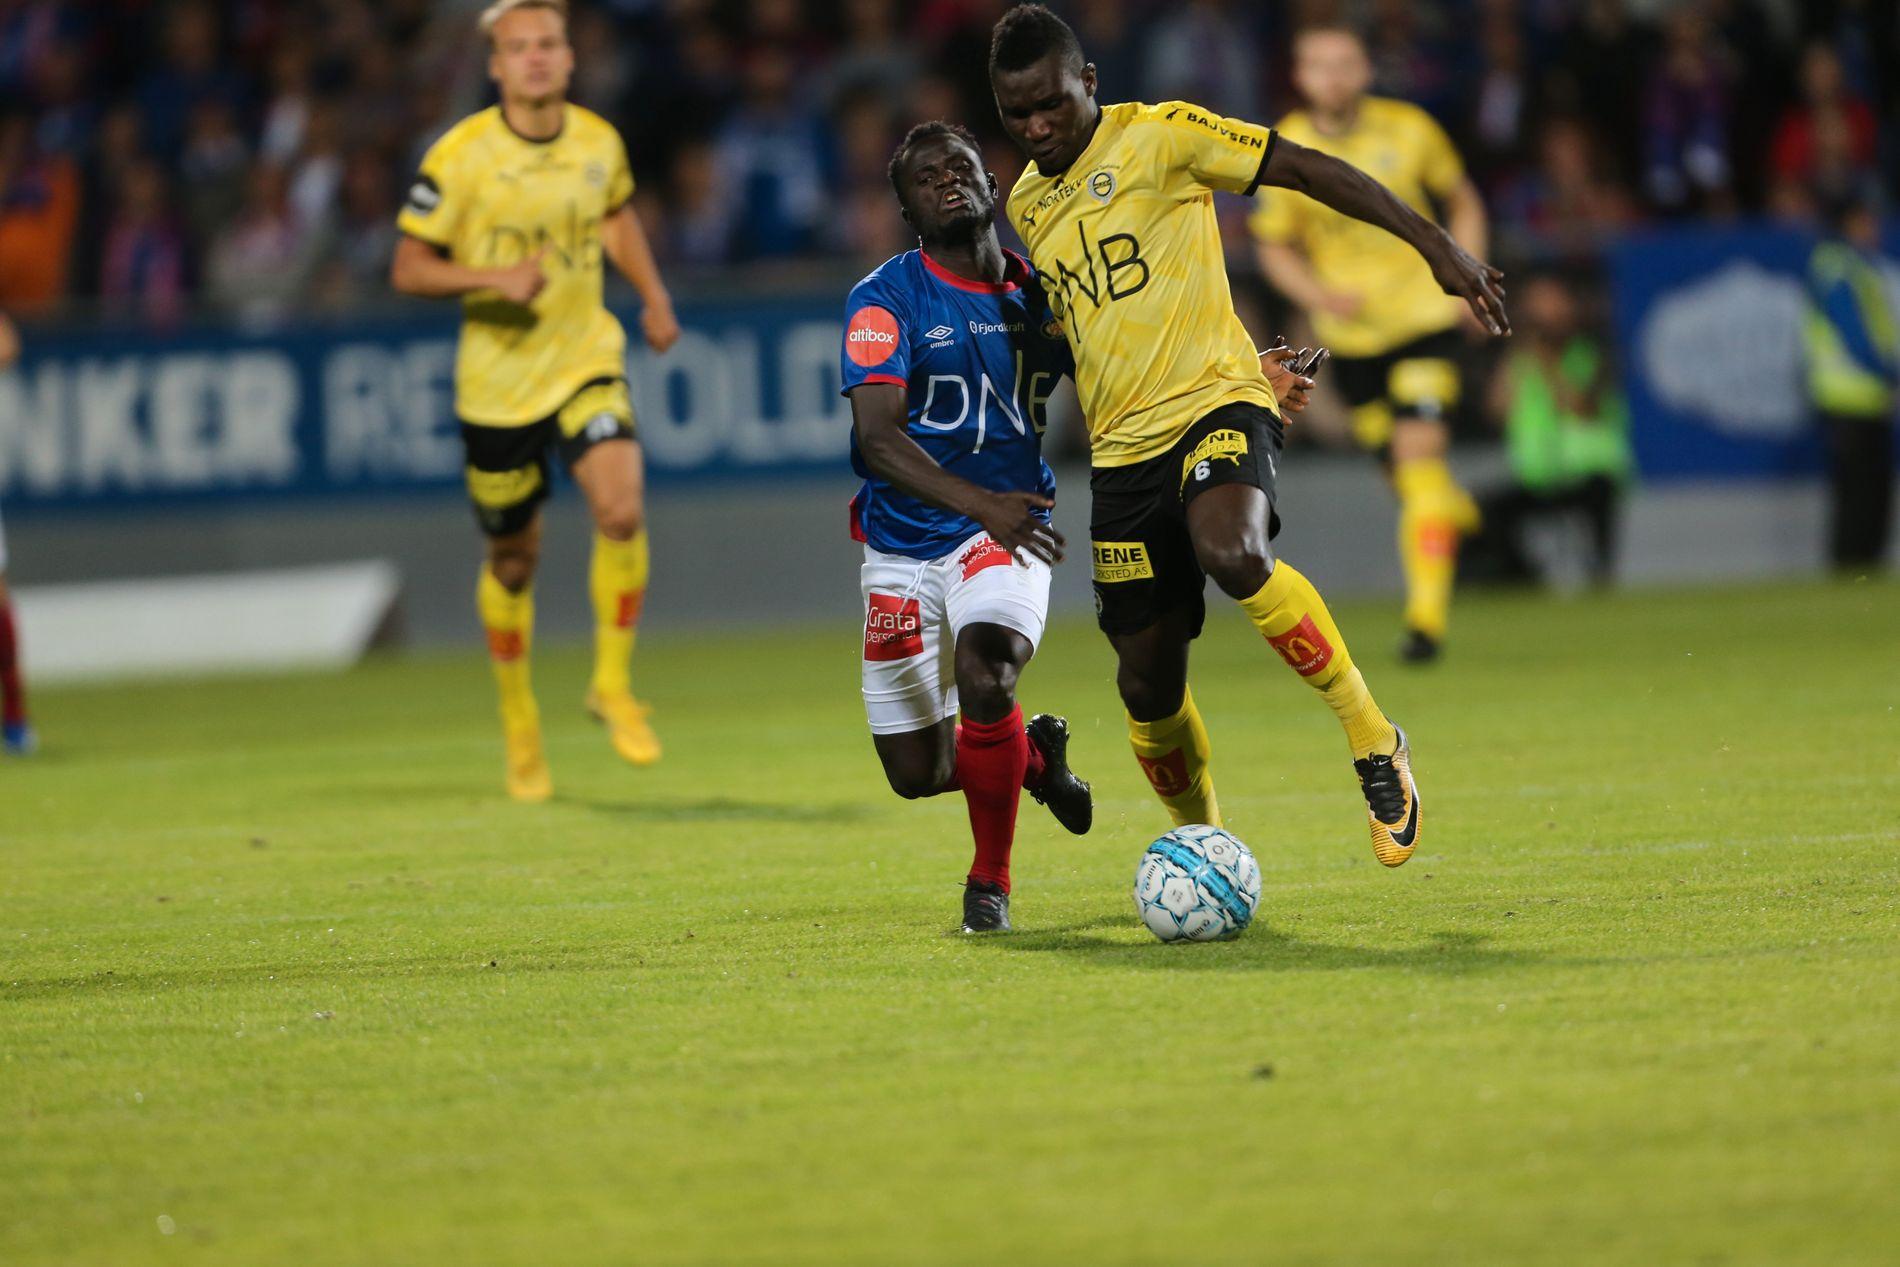 MANN MOT MANN: Vålerengas Mohammed Abu i duell med Lillestrøms Ifeanyi Mathew på Åråsen 2. september.